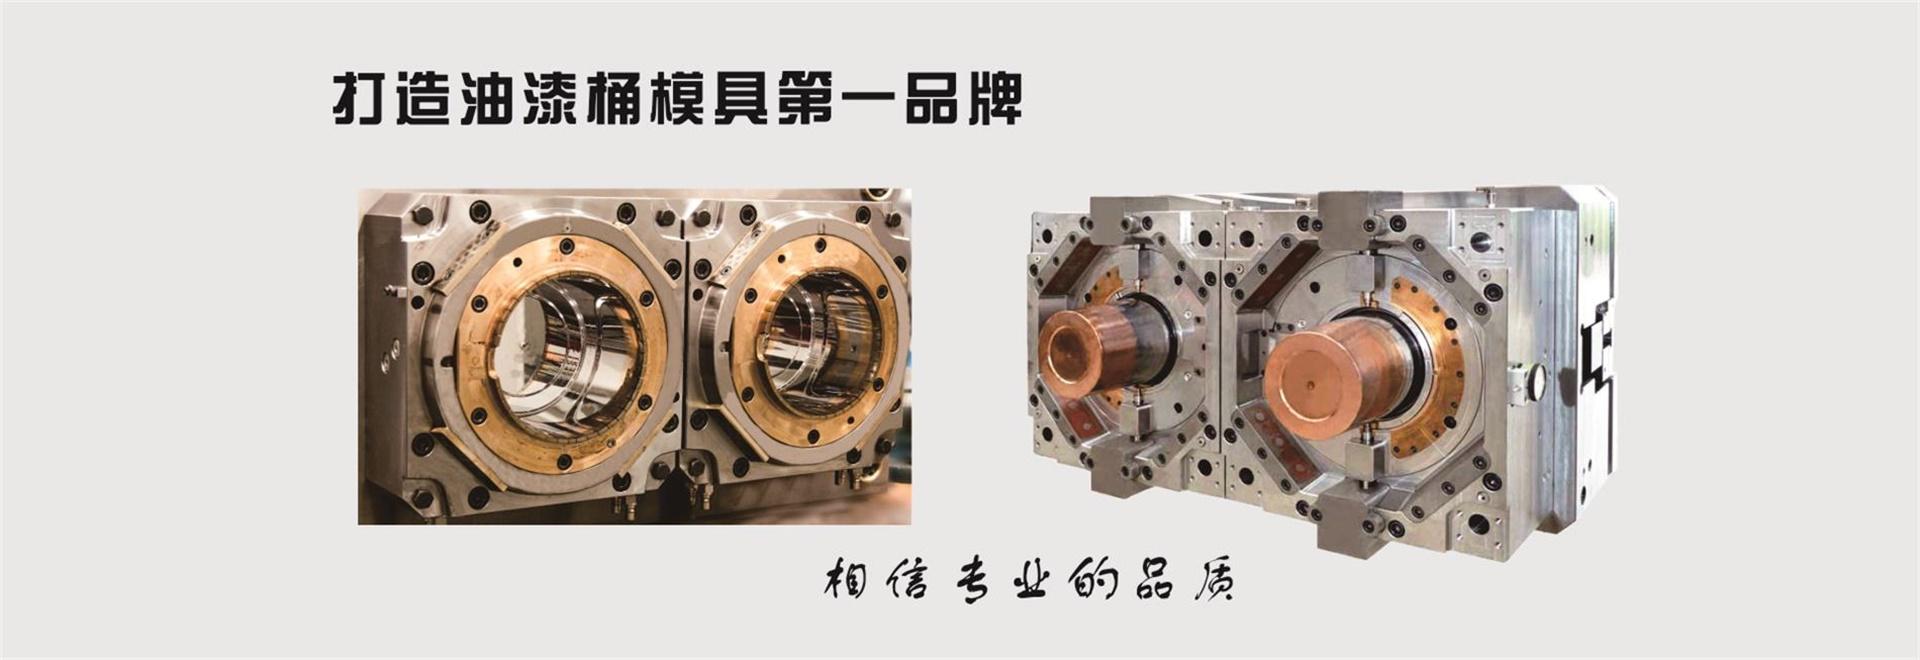 auto mould manufacturer